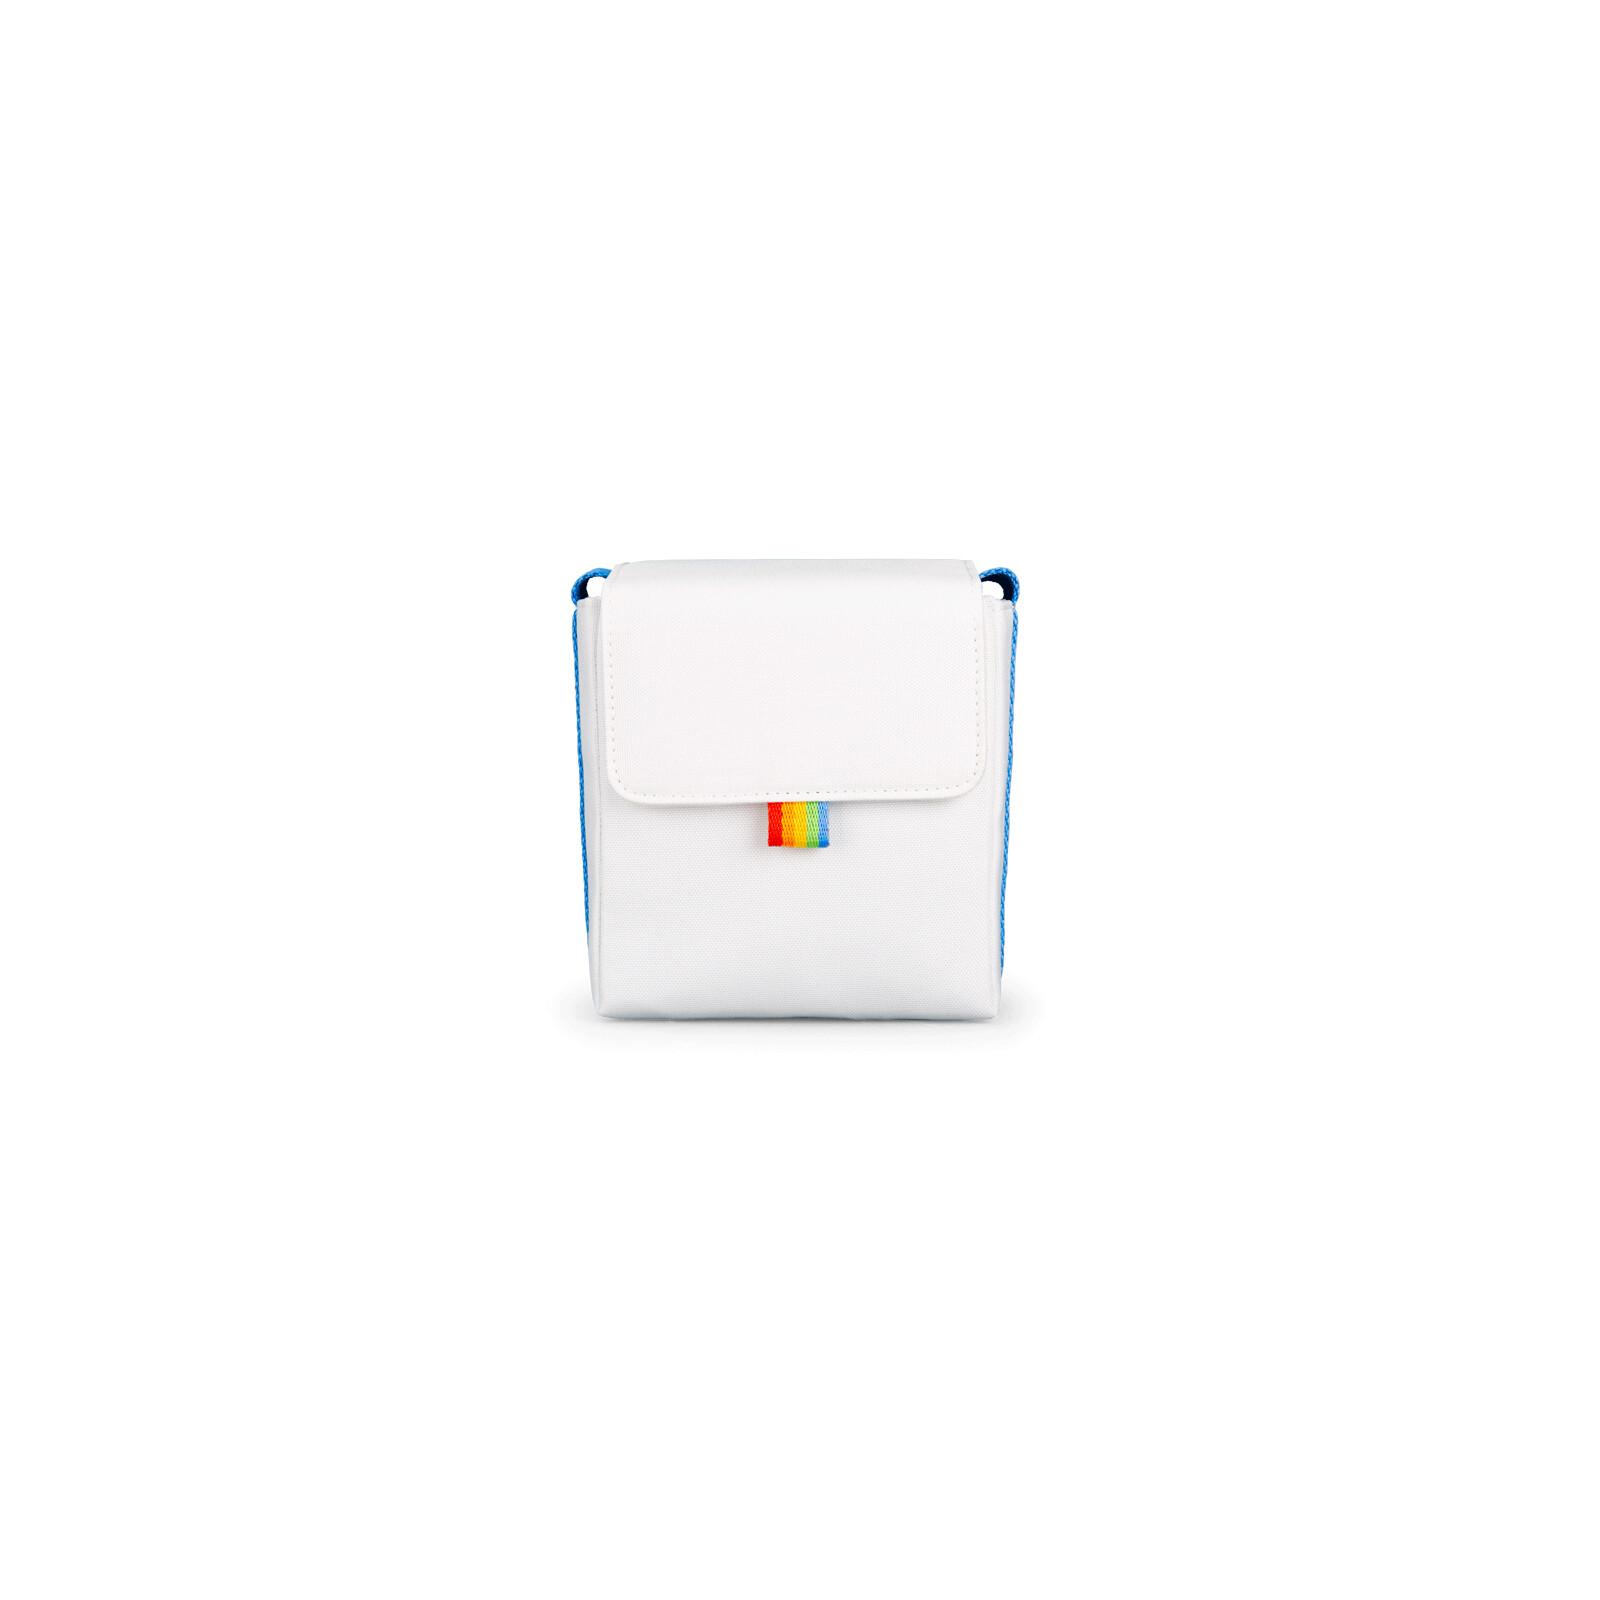 Polaroid Now Bag Weiss/Blau